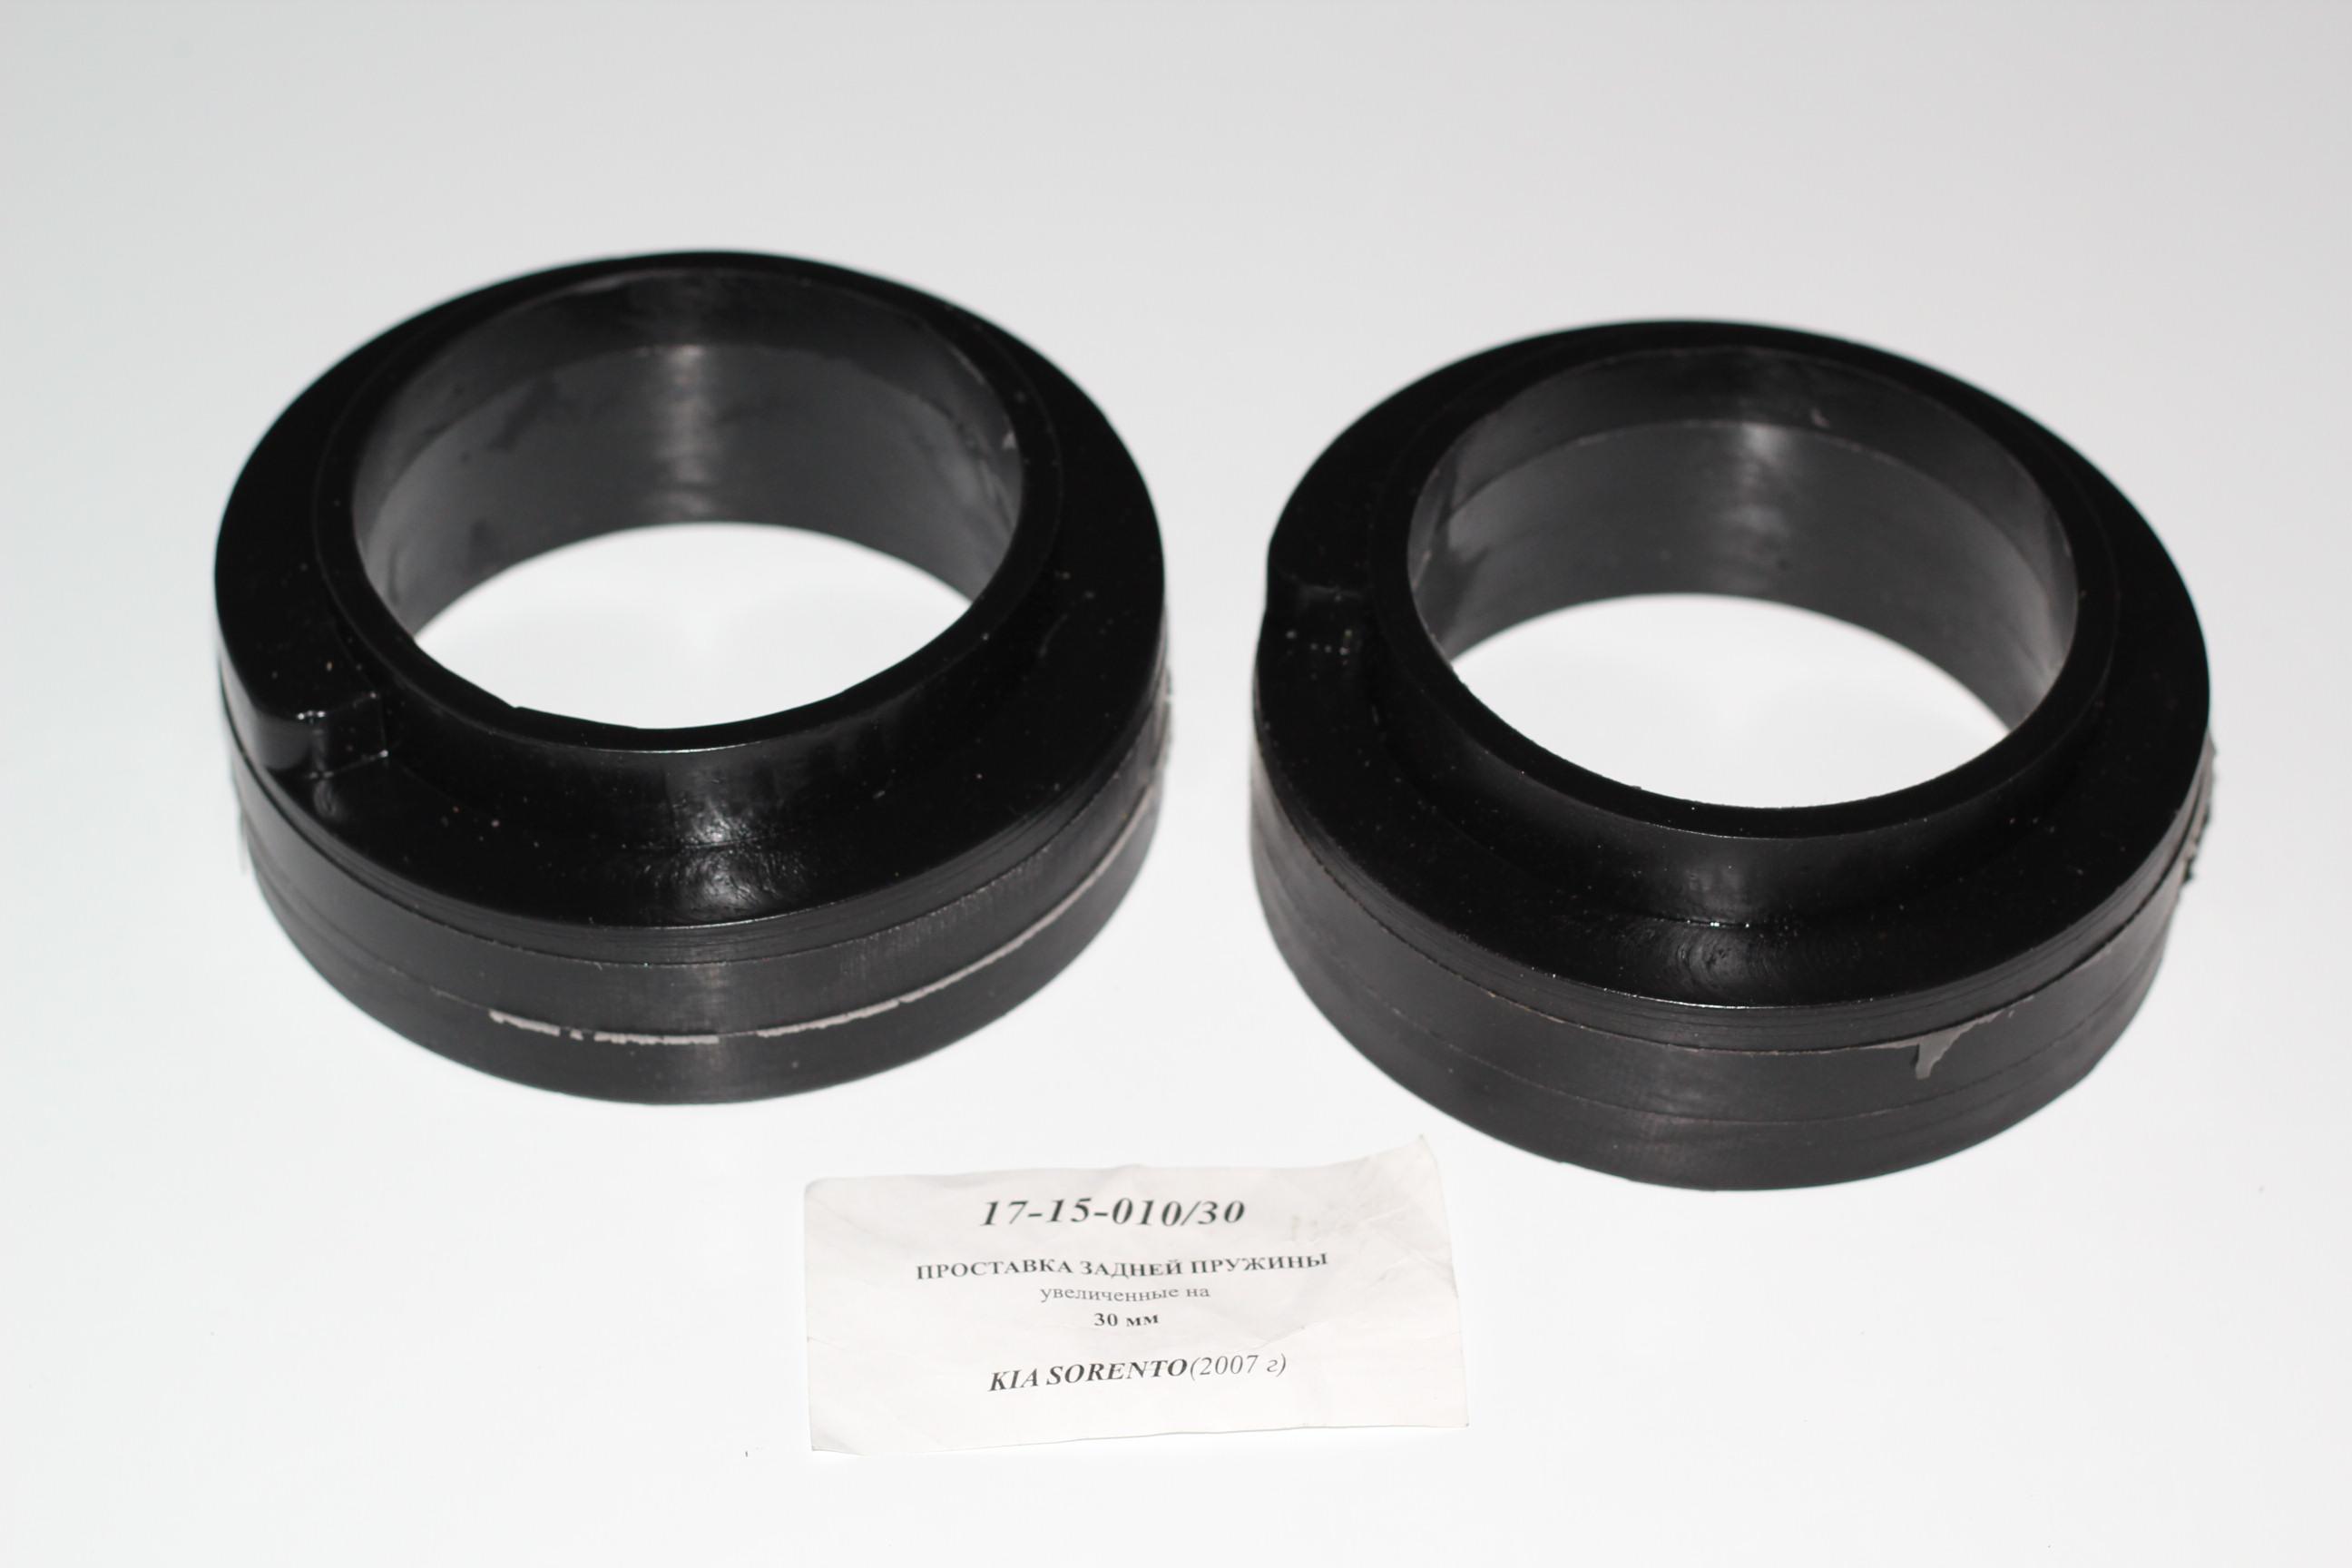 Проставка задней пружины KIA SORENTO (с 2007) 30 мм 17-15-010/30